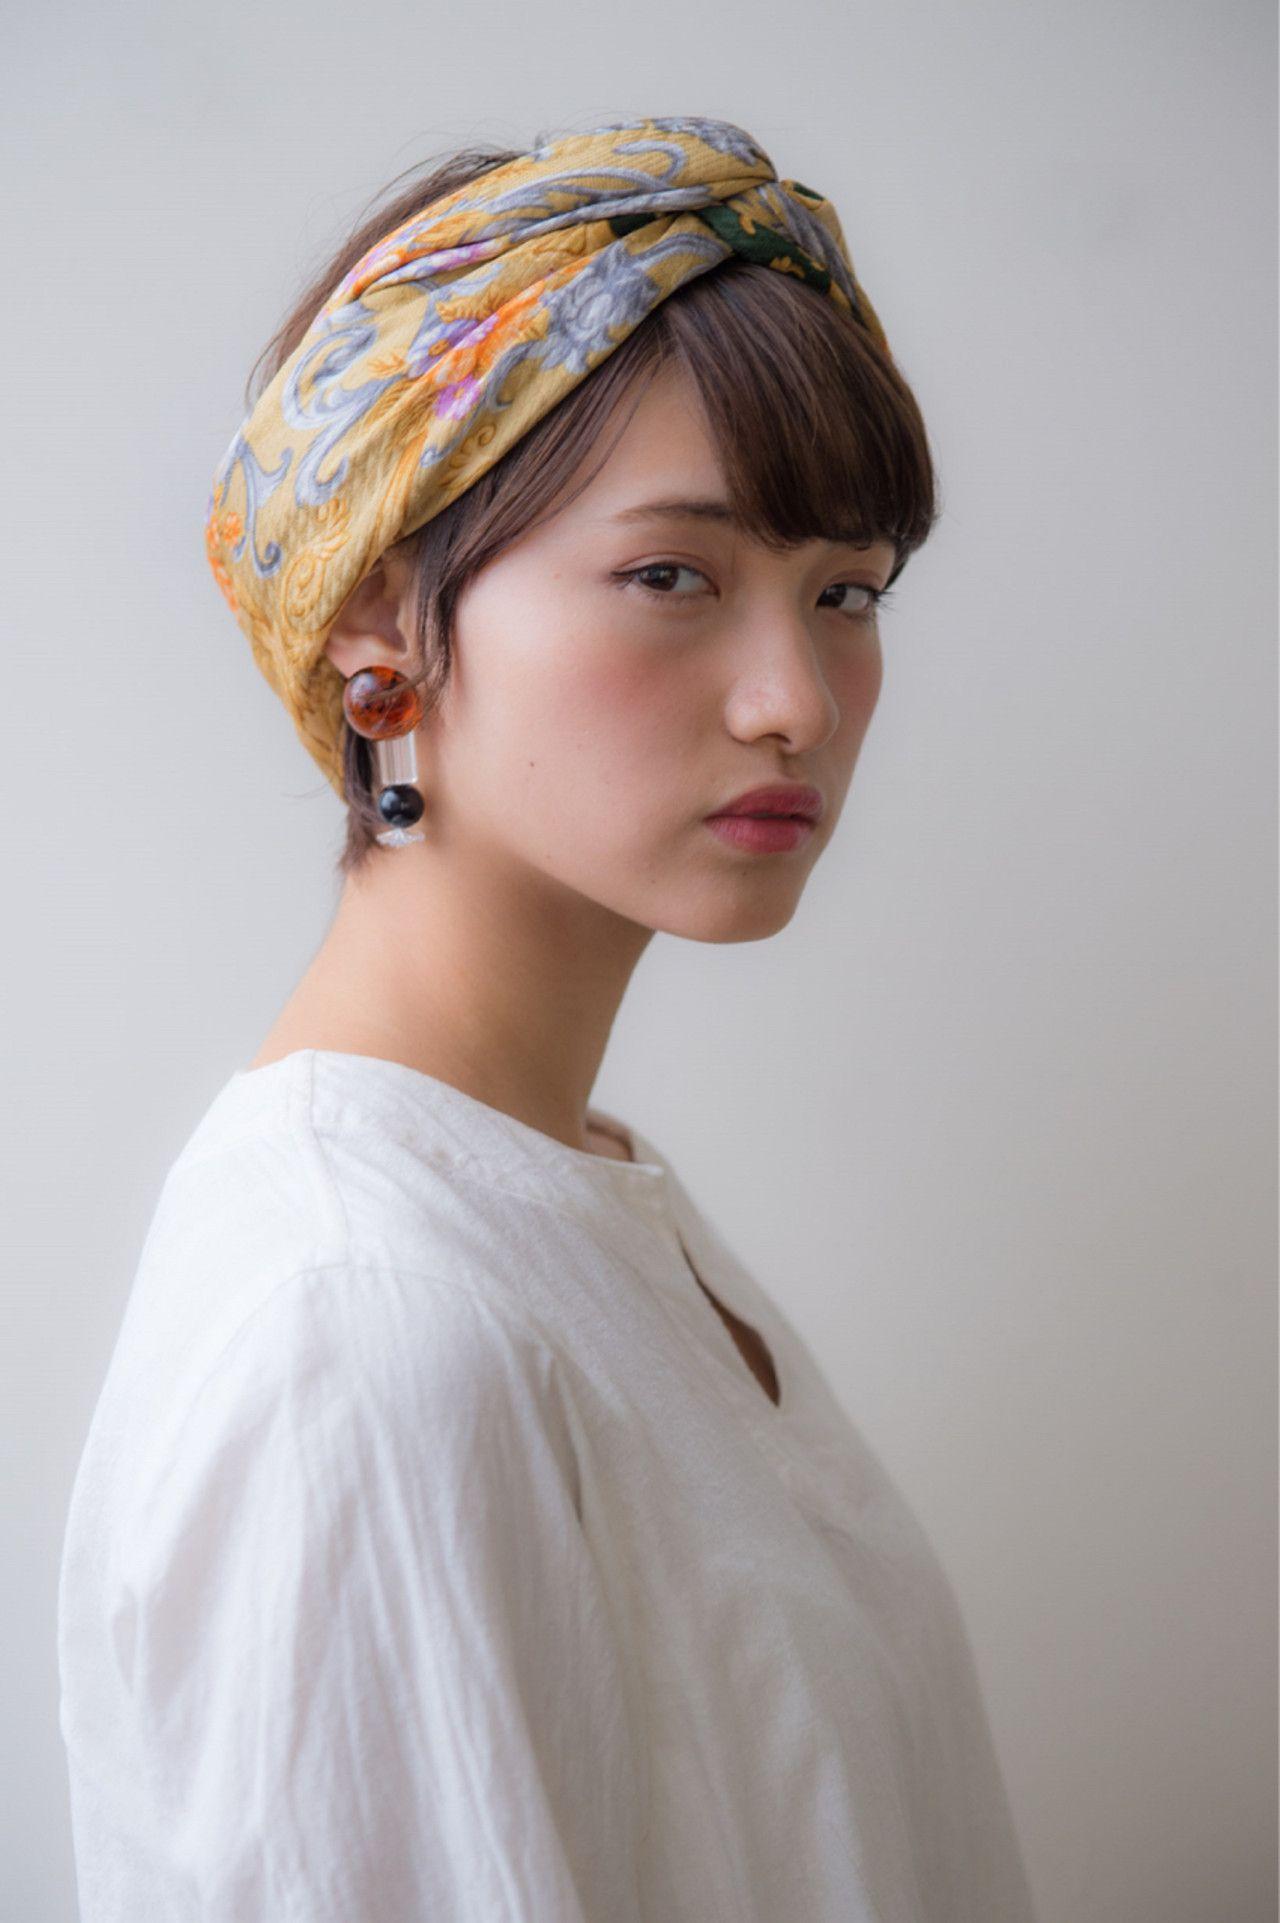 Maho ヘアバンドを使ったコーディネート ファッション